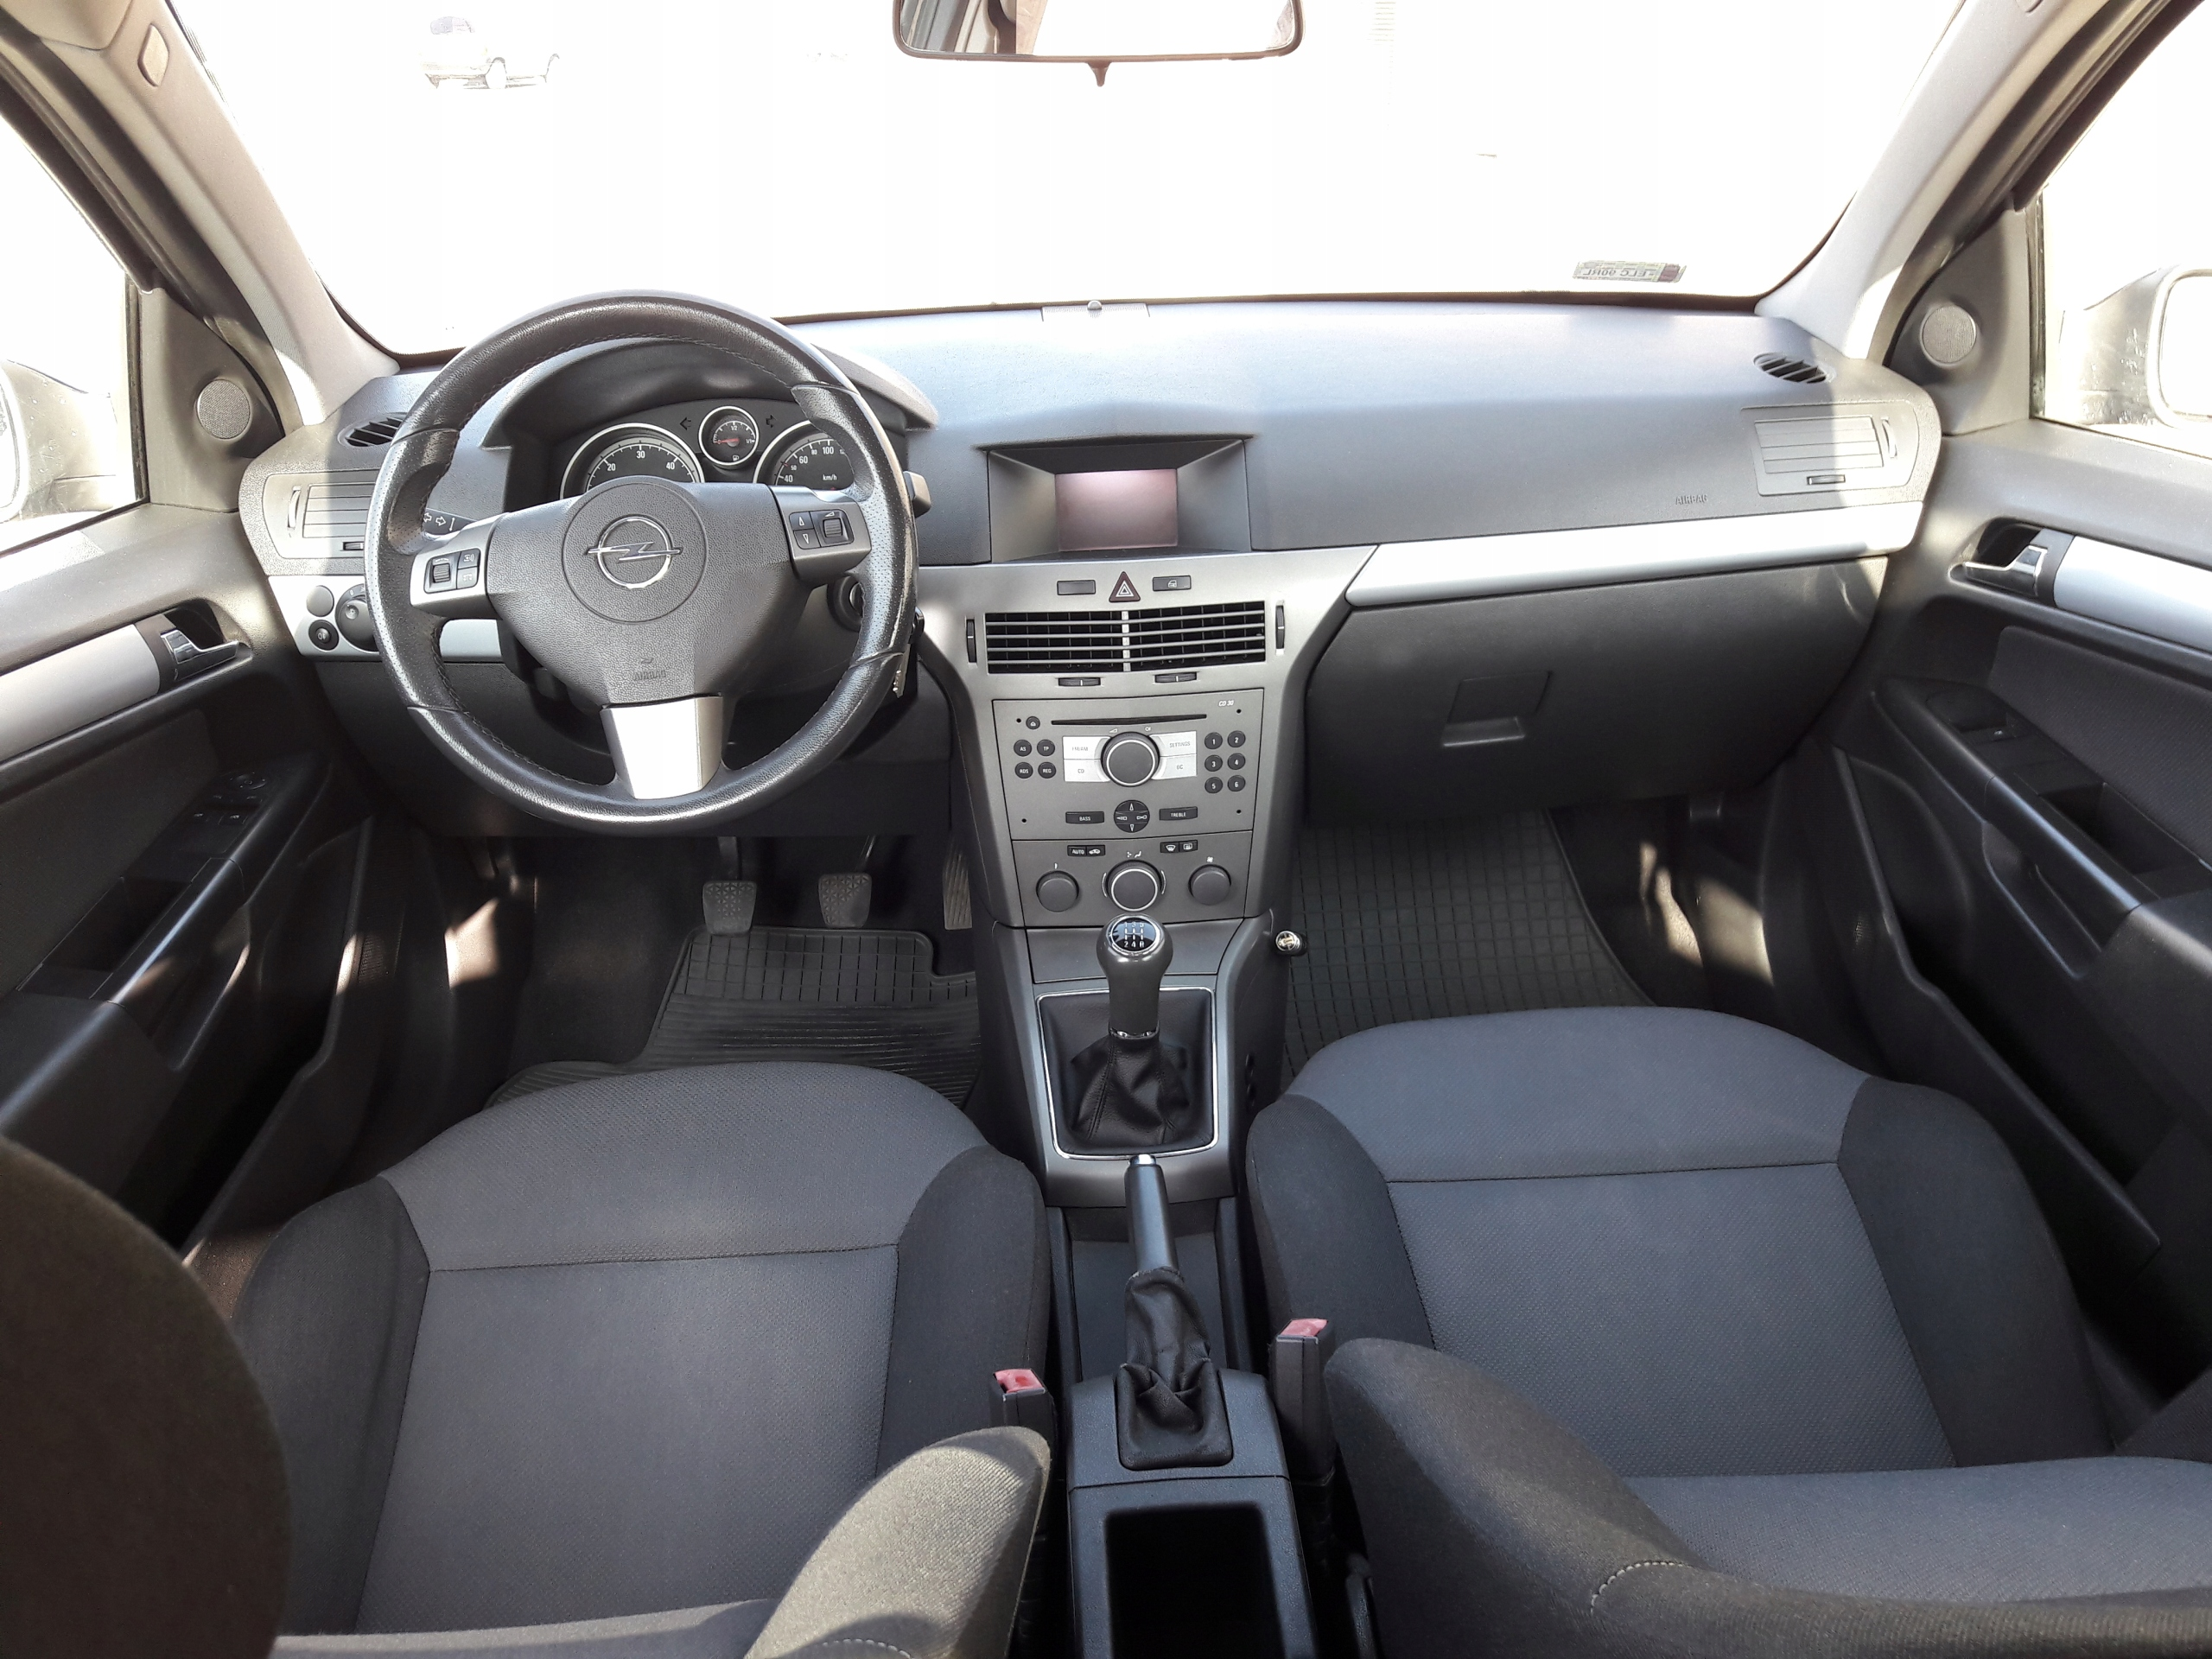 Opel Astra H Iii 2005 Automatyczna Klimatyzacja 7609597360